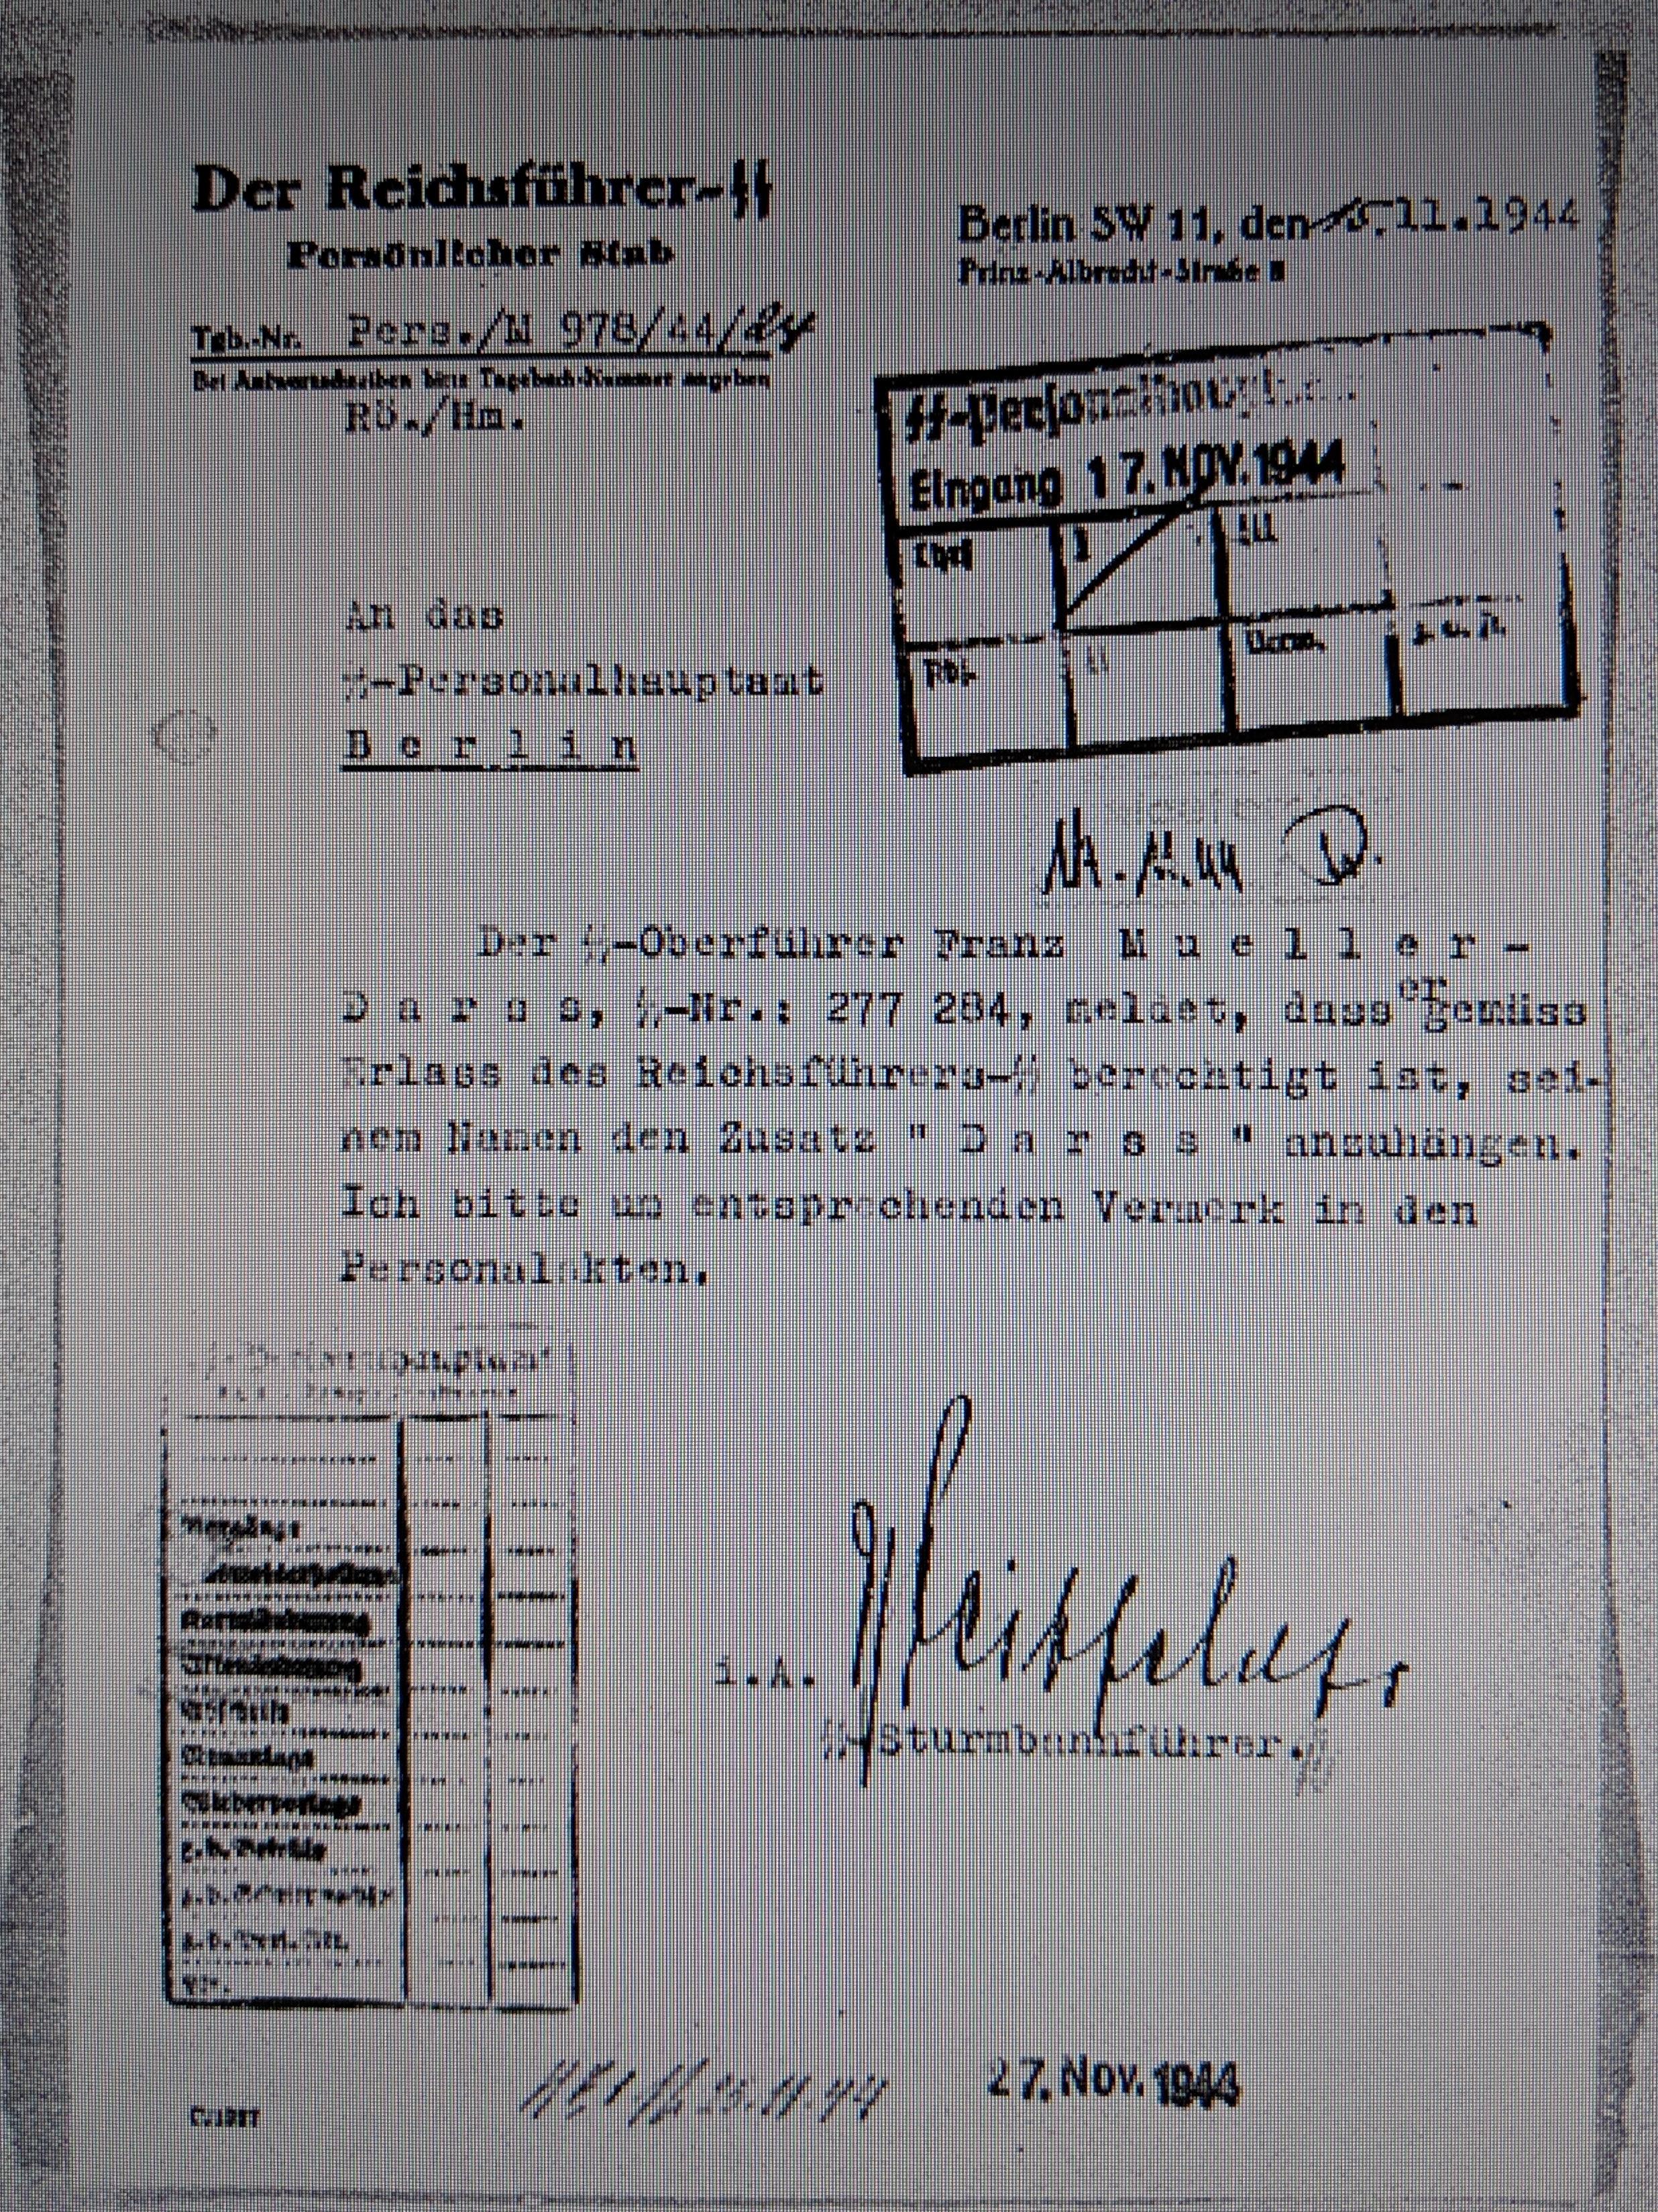 1944 4. 11. Mueller darf sich Mueller-Darss nennen.